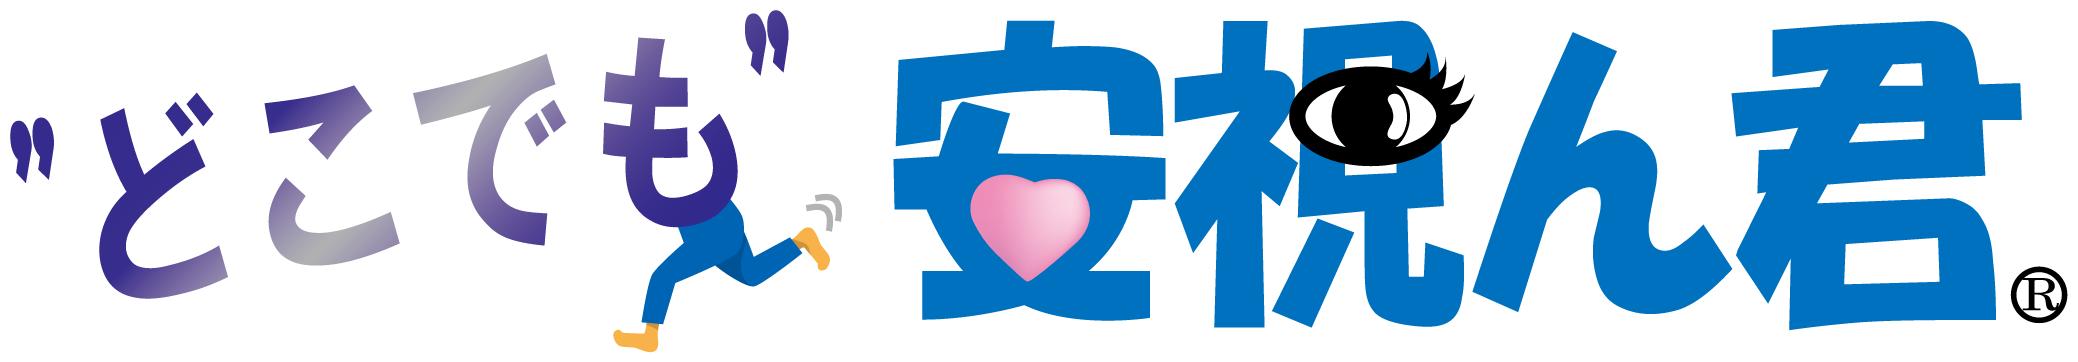 台風19号被災地の火事場ドロボーを排除!録画一体型防犯カメラ「どこでも安視ん君」を群馬県富岡市に設置 画像